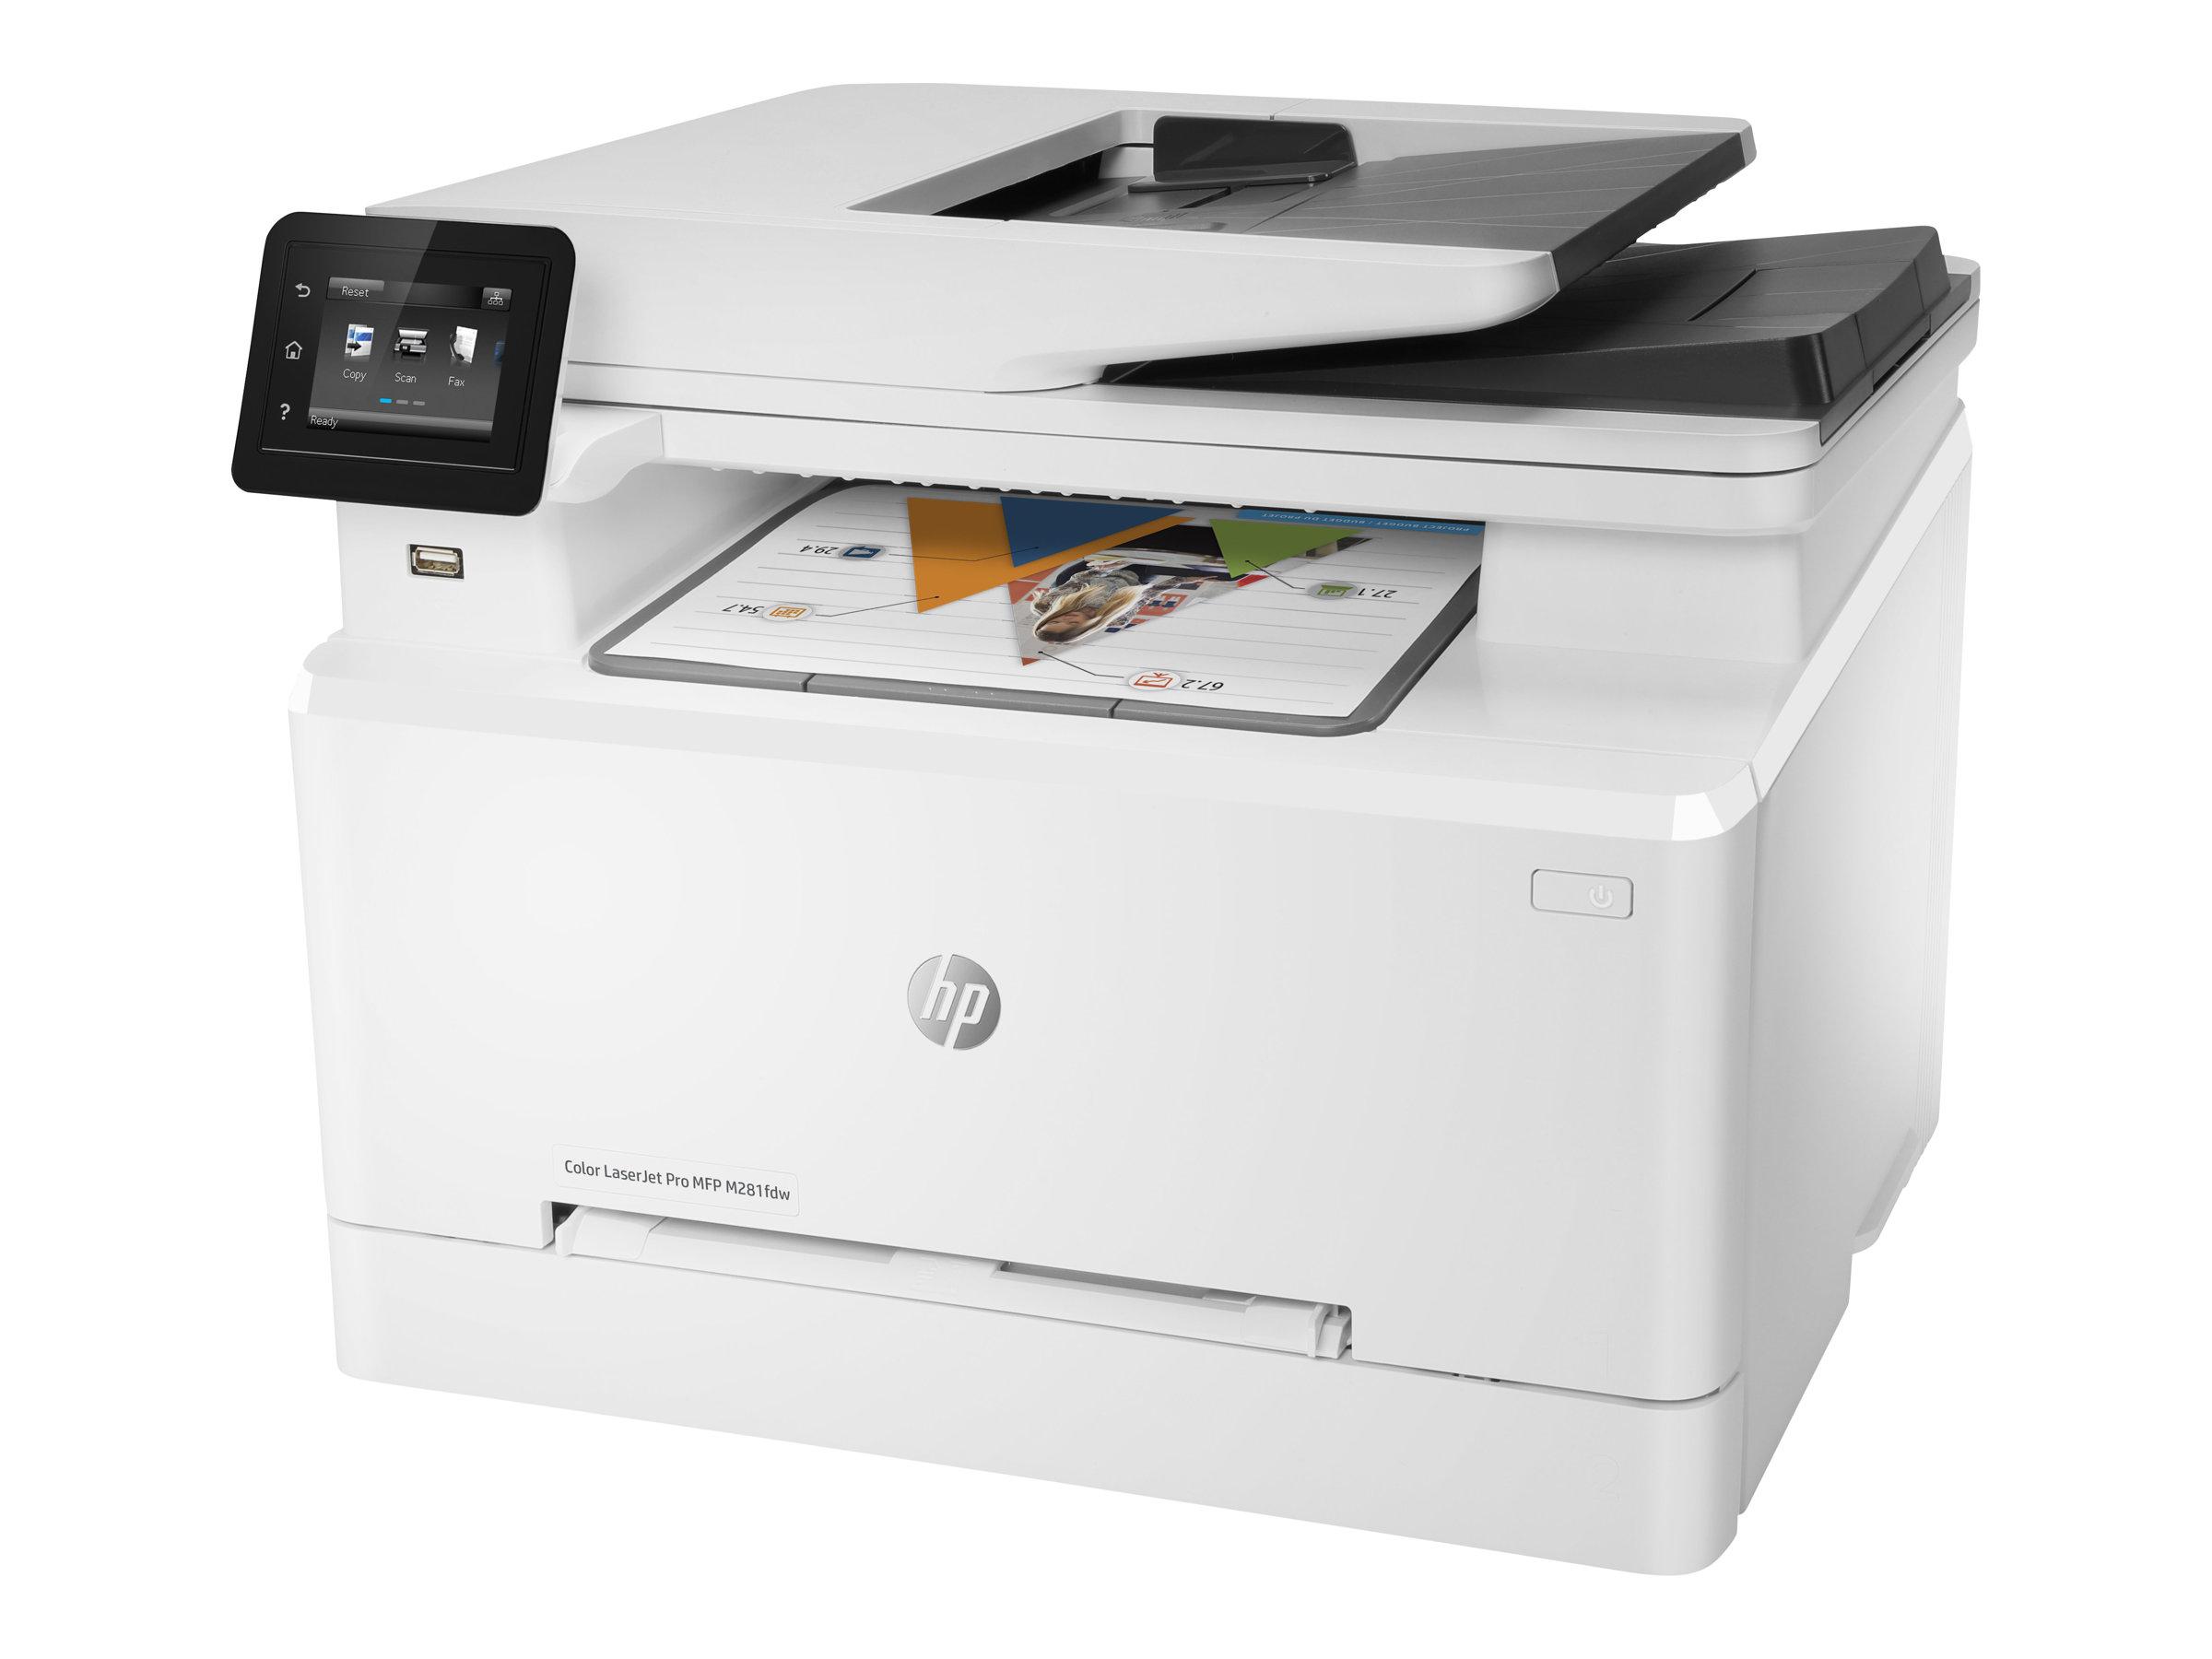 HP Color LaserJet Pro MFP M281fdw - imprimante multifonctions - couleur - laser